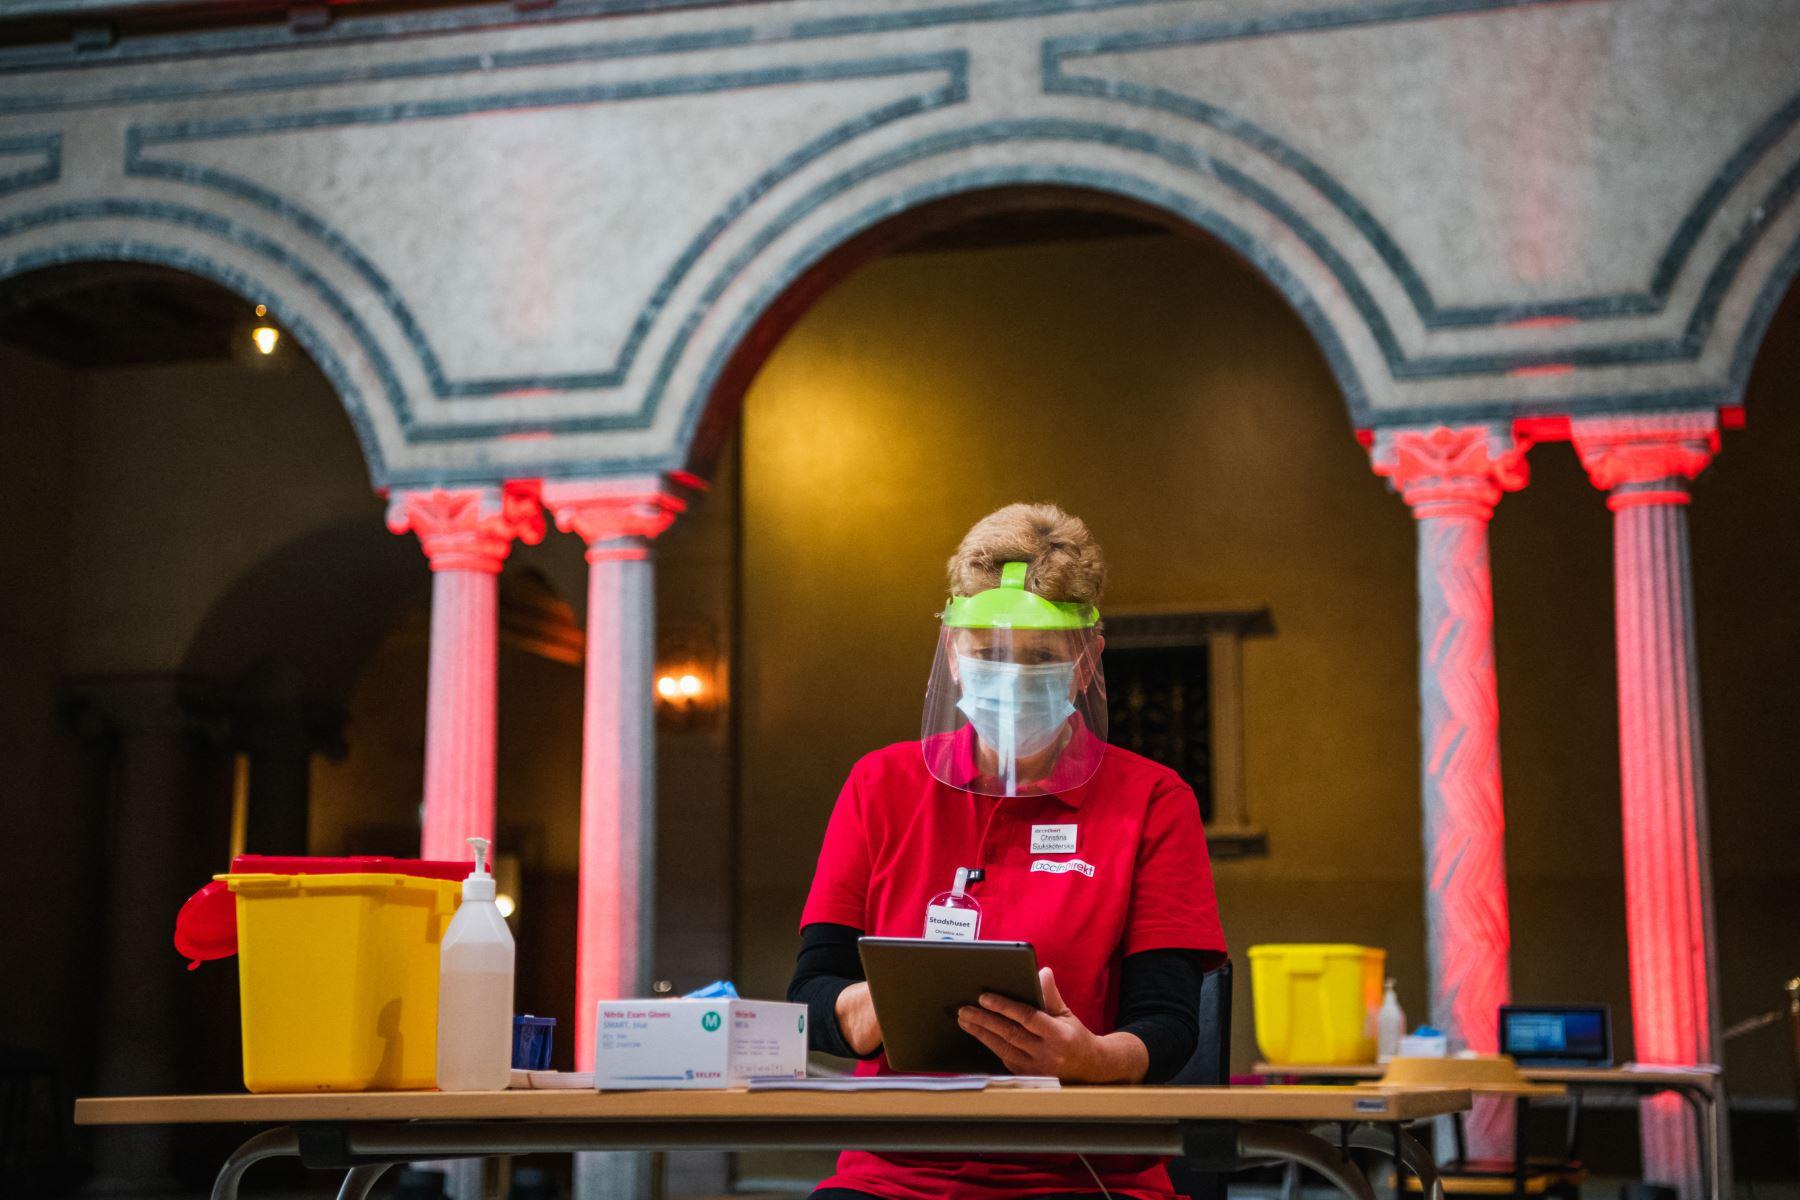 Los preparativos se llevan a cabo en el Ayuntamiento de Estocolmo para convertir el lugar de los banquetes del Premio Nobel en un centro de vacunación covid-19. Foto : AFP